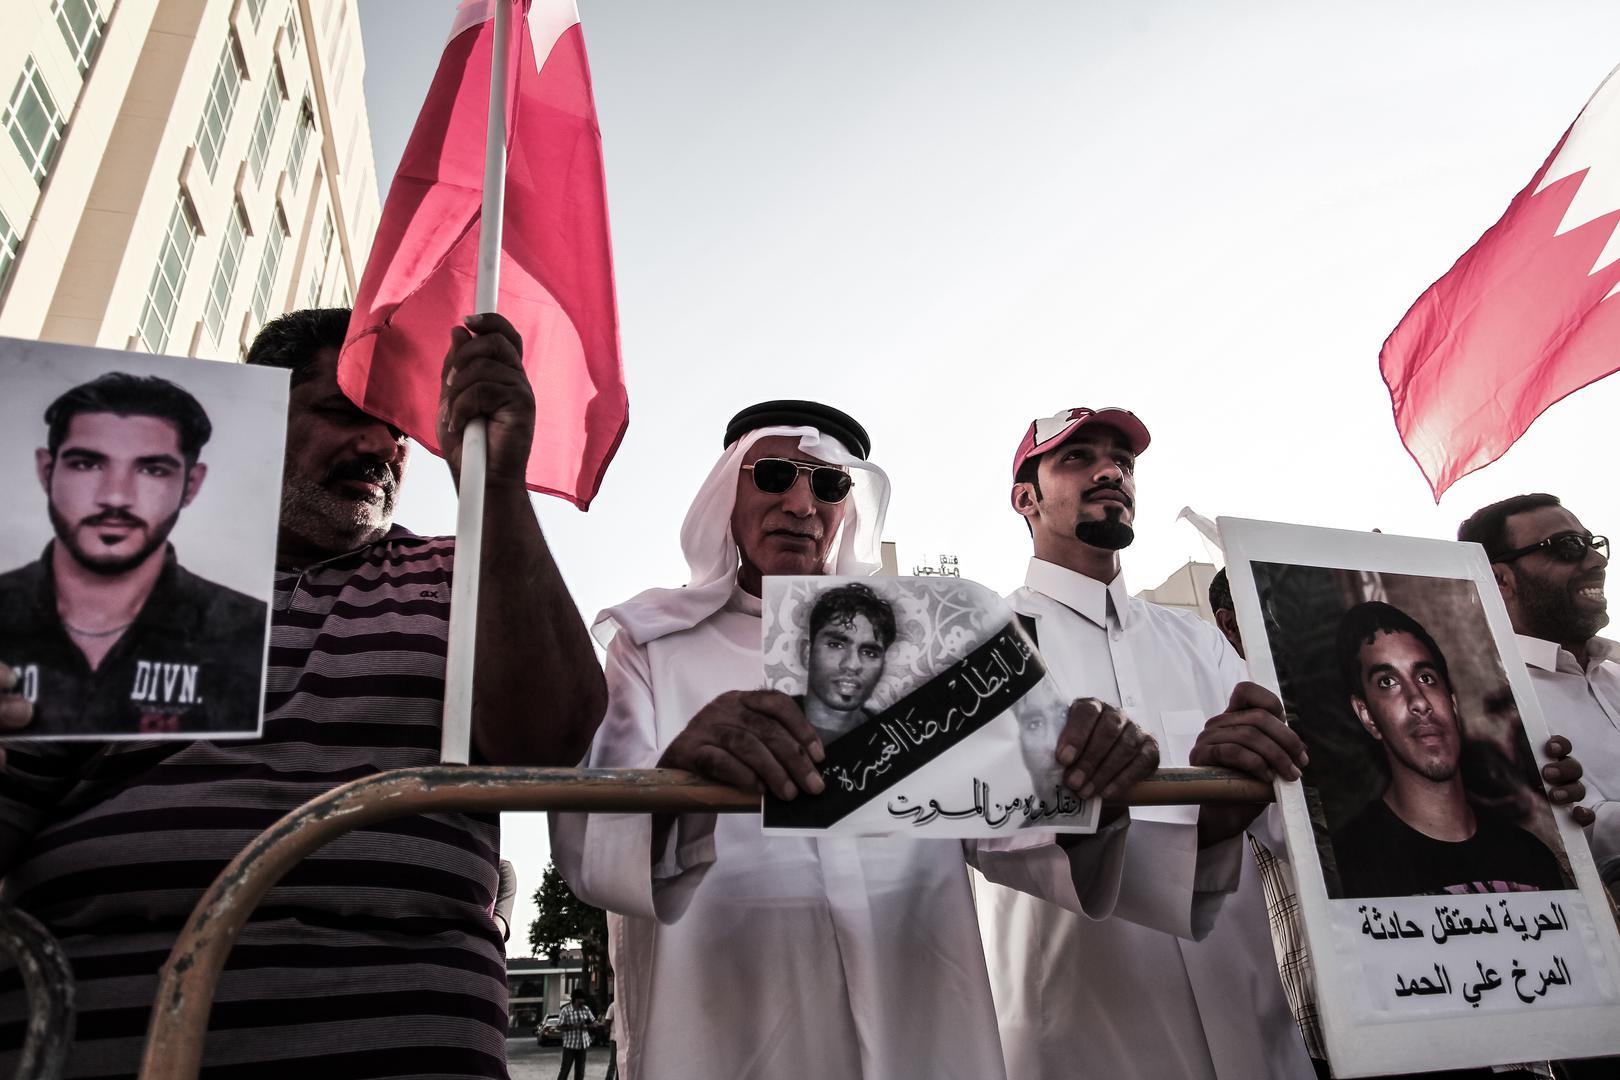 Bahrain, Manama - Sit-in organisiert von der bahrainischen Opposition neben dem UN-Gebäude in der Hauptstadt Manama am Internationalen Tag für Folteropfer, 26. Juni 2014.